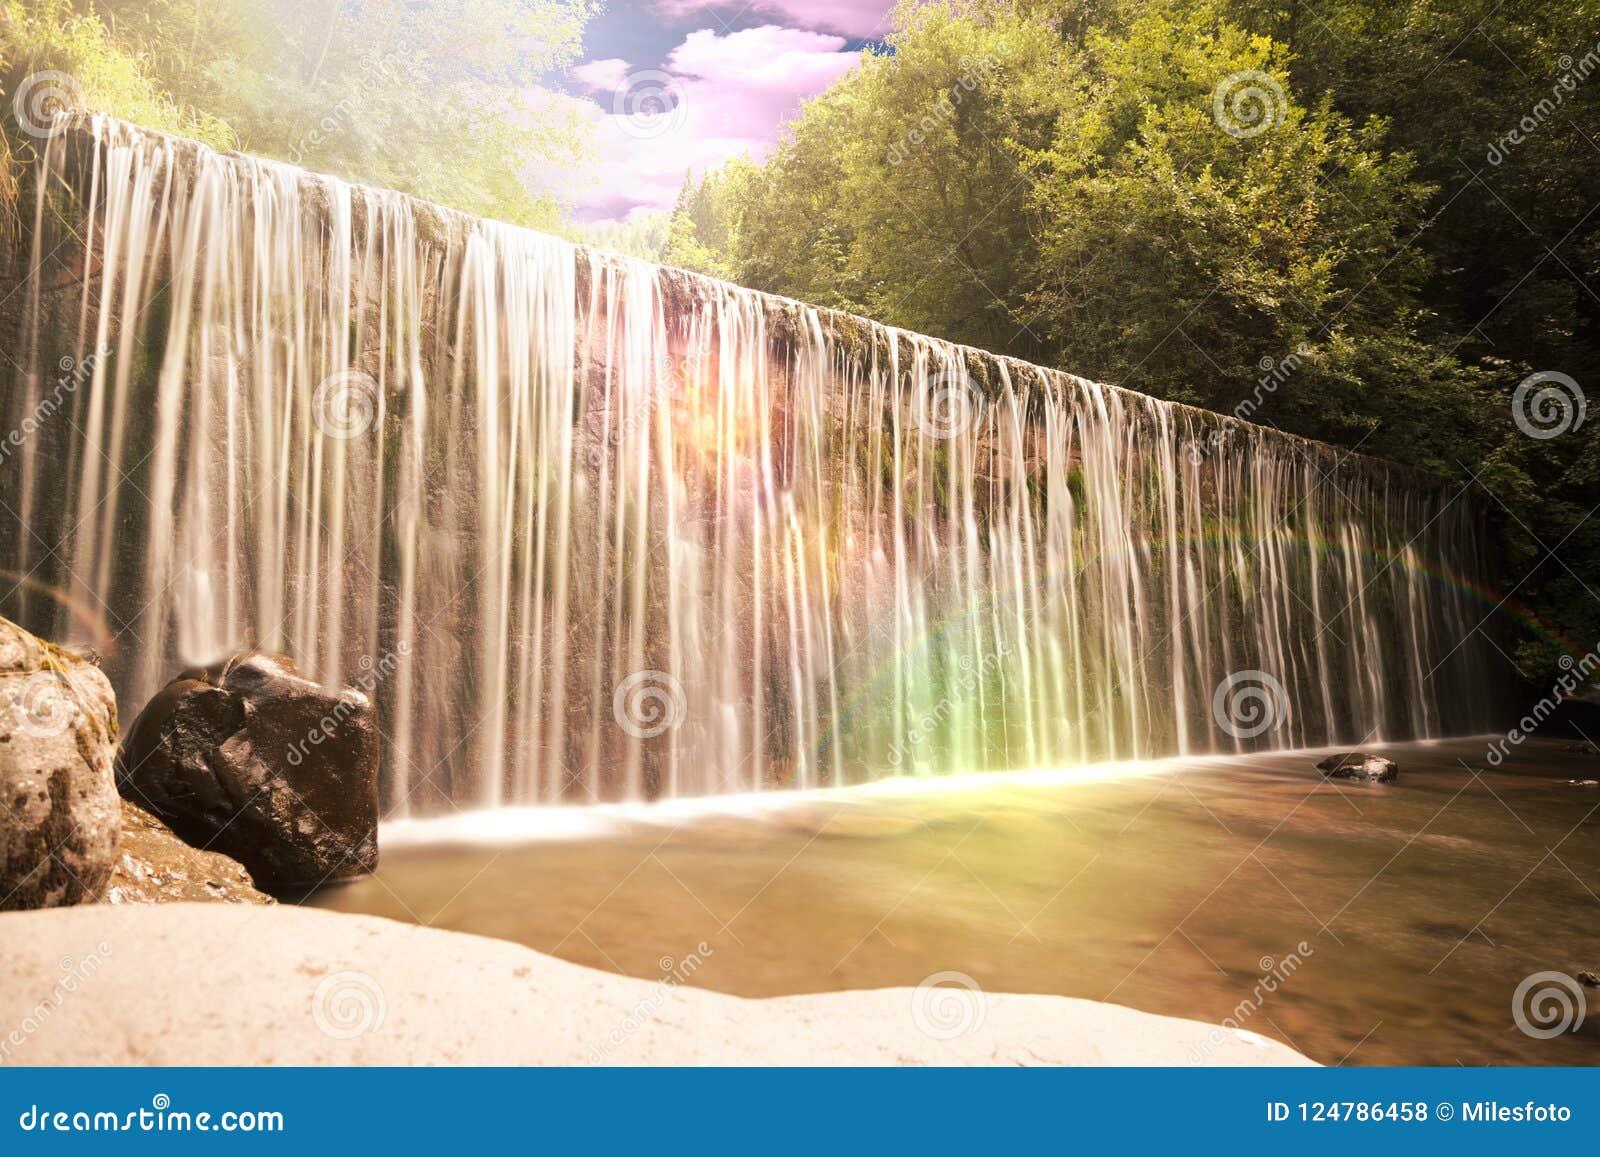 Molhe o fluxo sobre uma parede da borda ou da represa